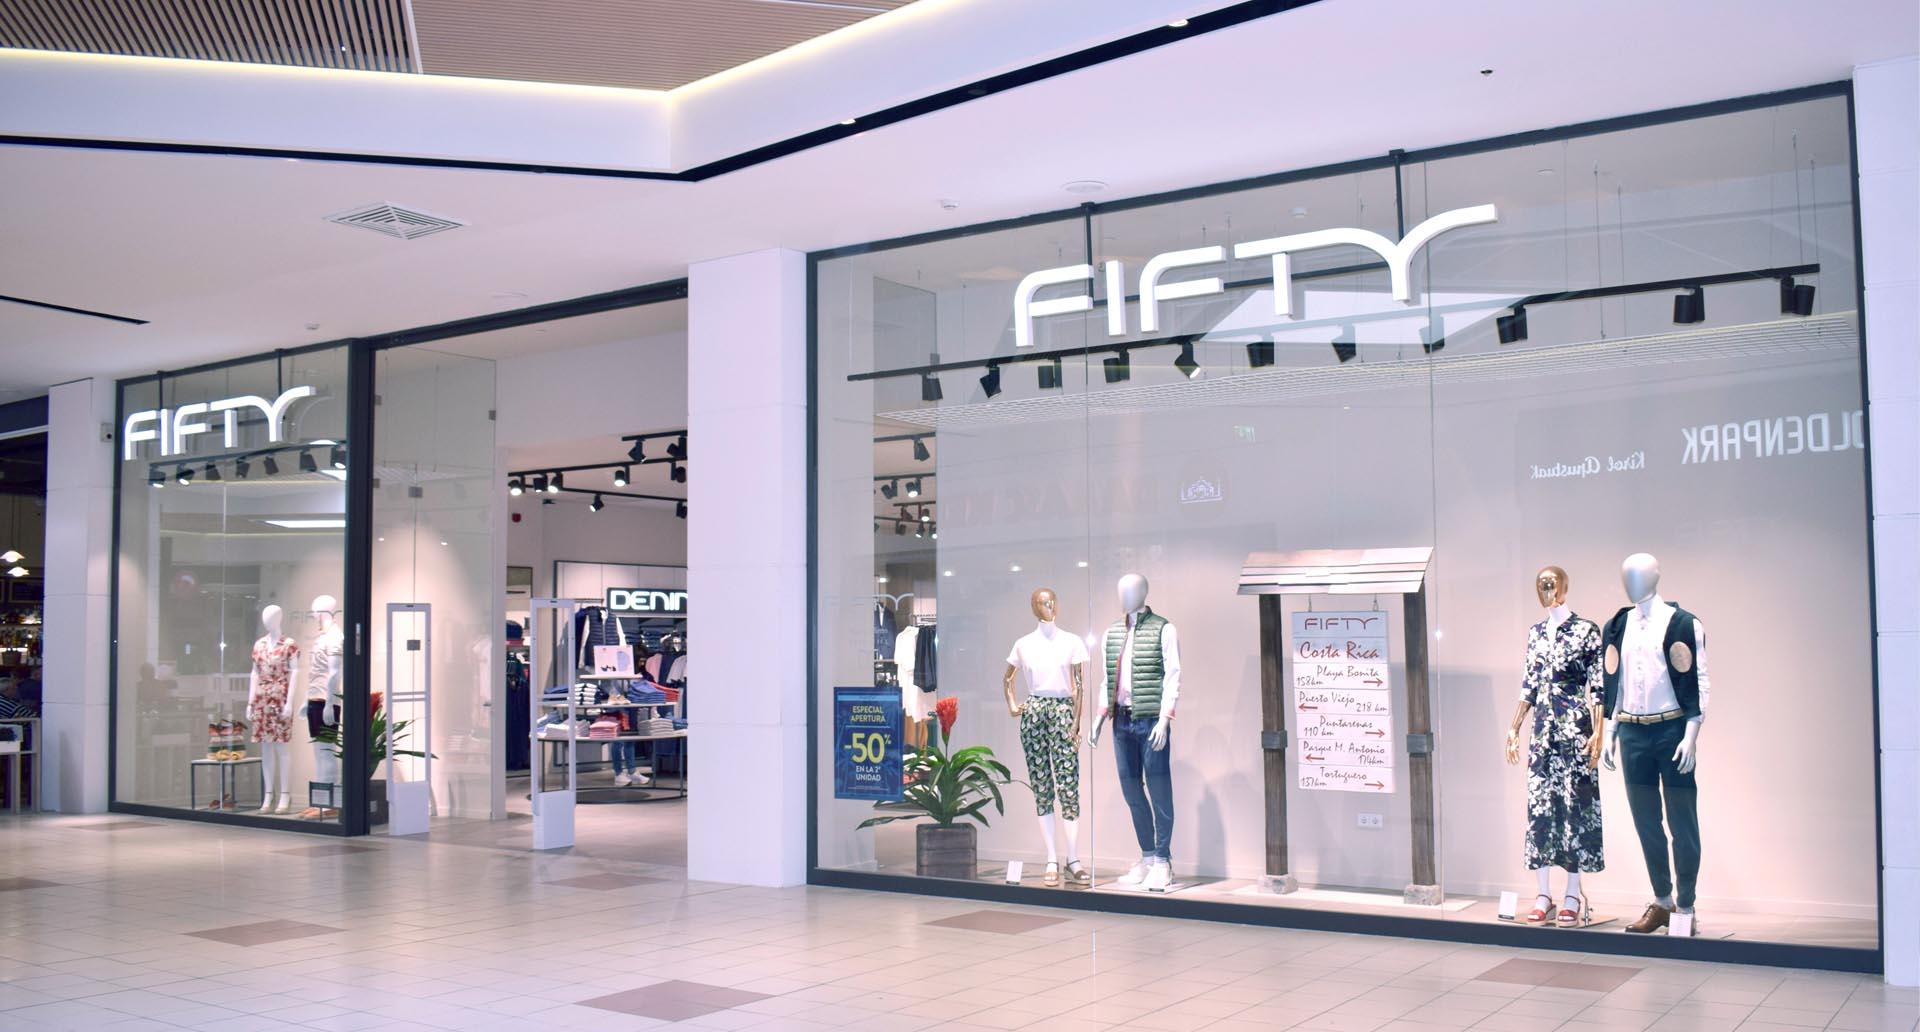 Fifty abre su nueva tienda en el Parque Comercial Txingudi